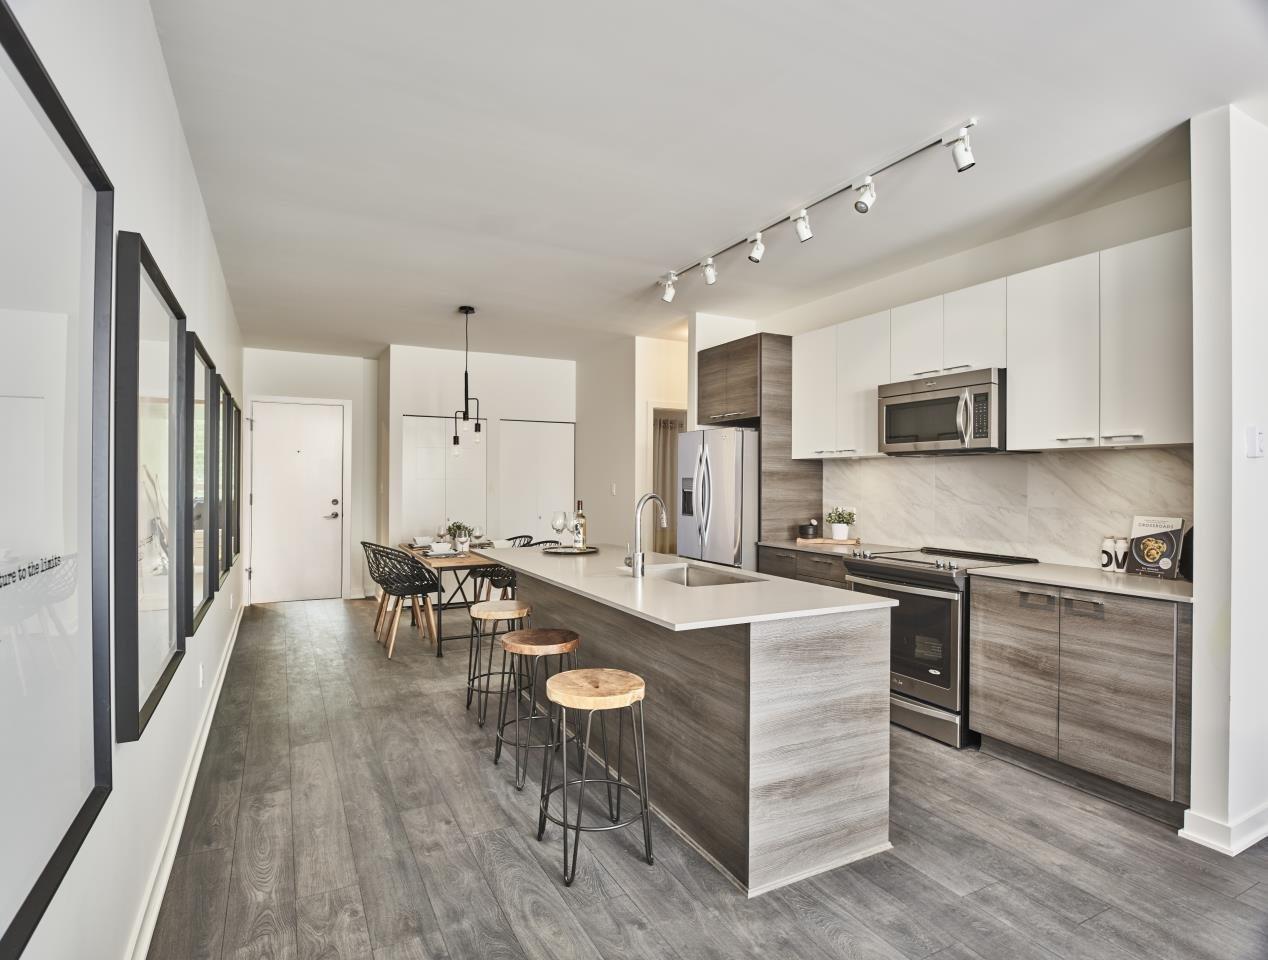 HQ Display Kitchen!